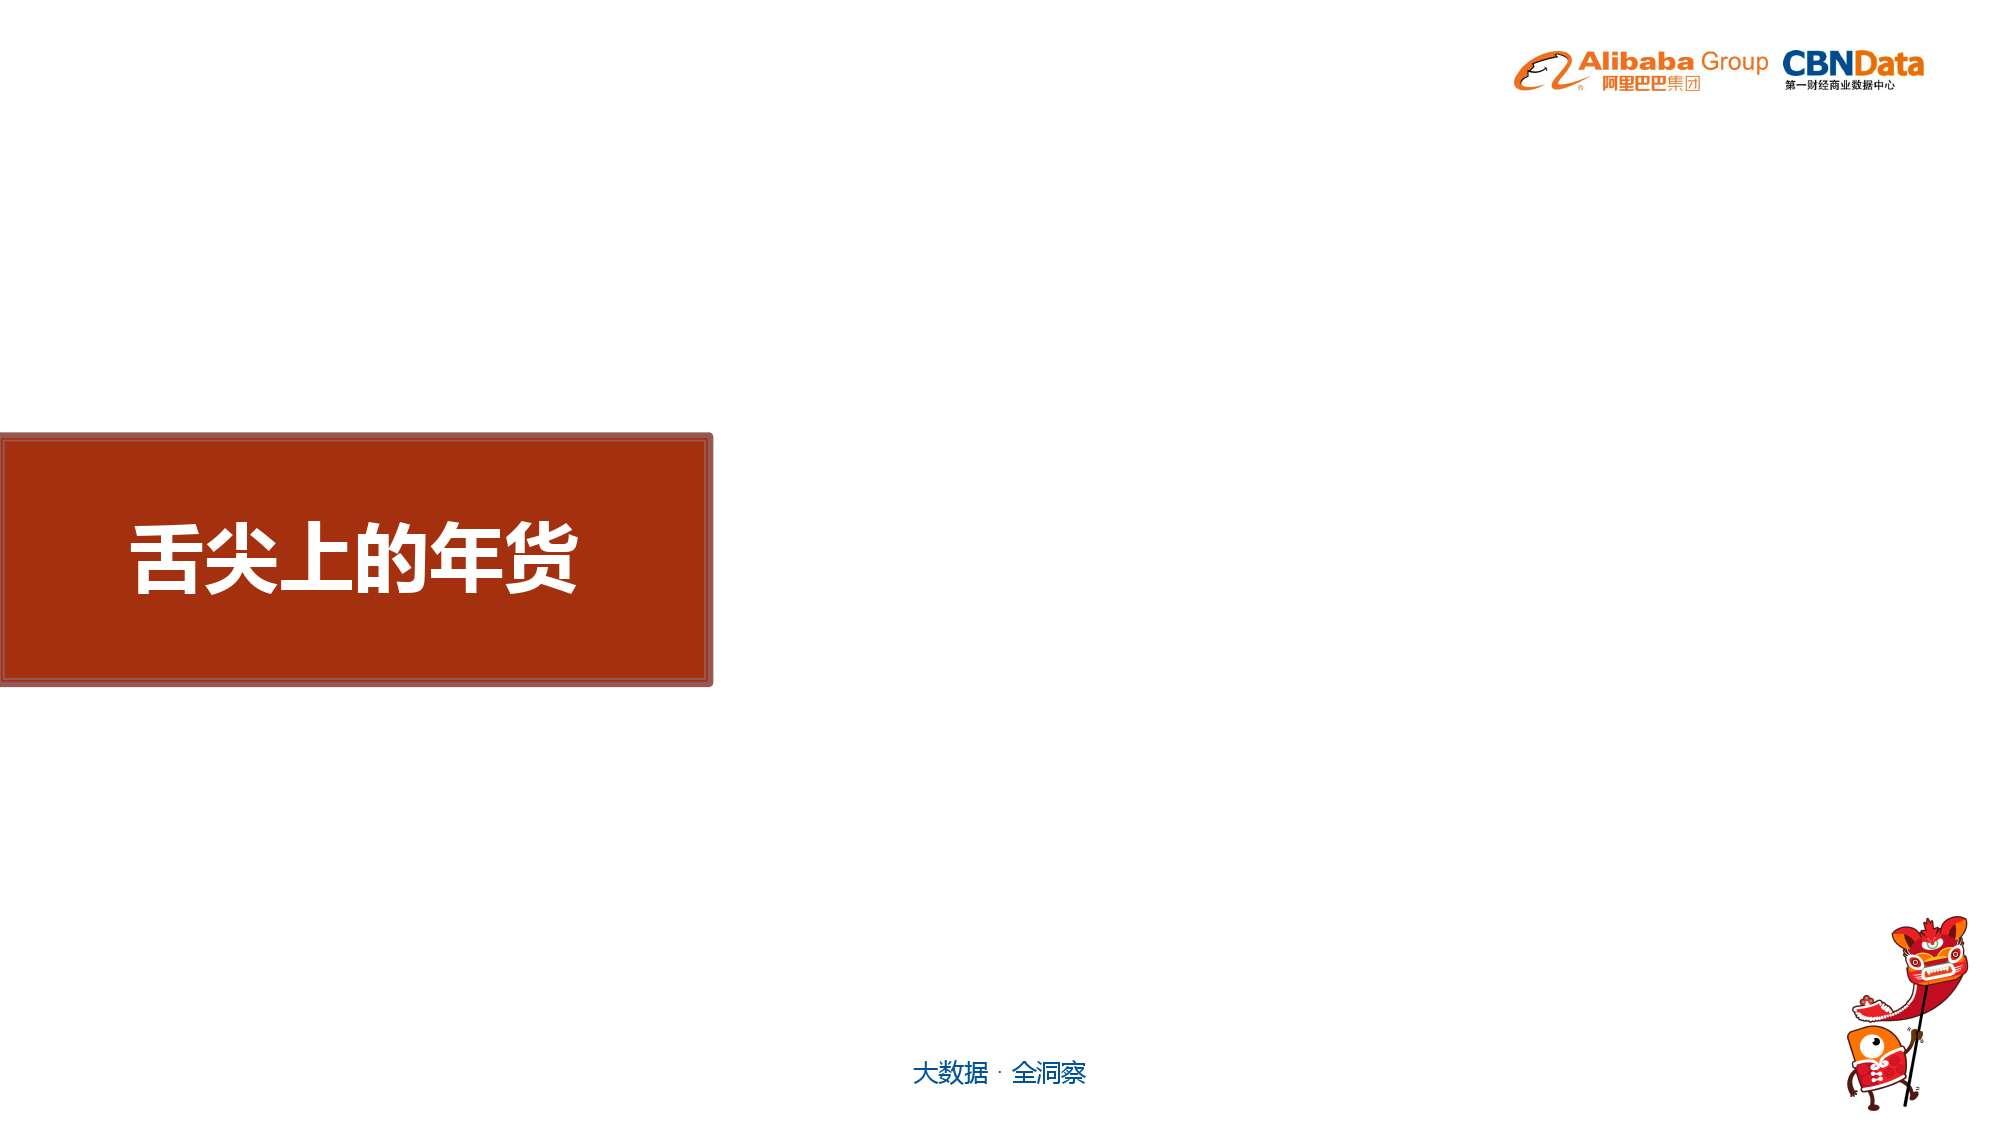 中国年货大数据报告_000011